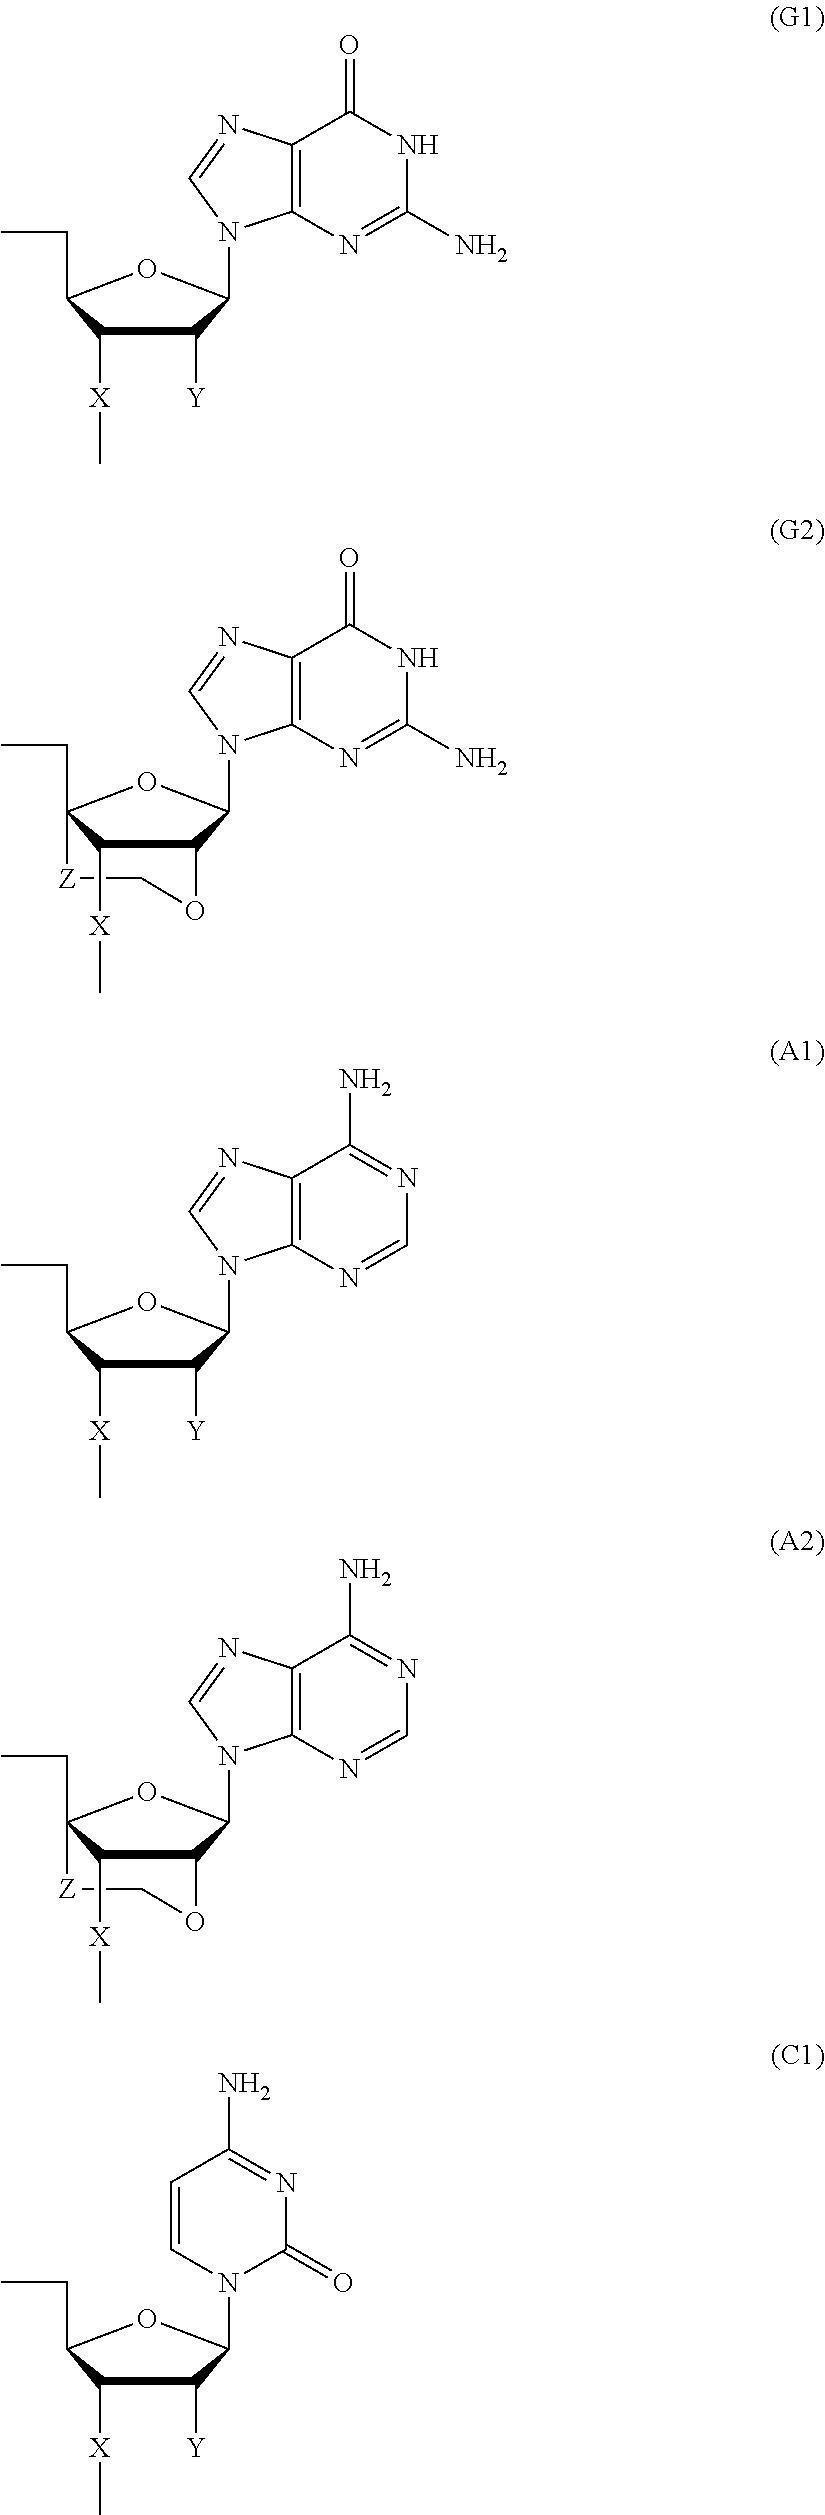 Figure US09243026-20160126-C00001